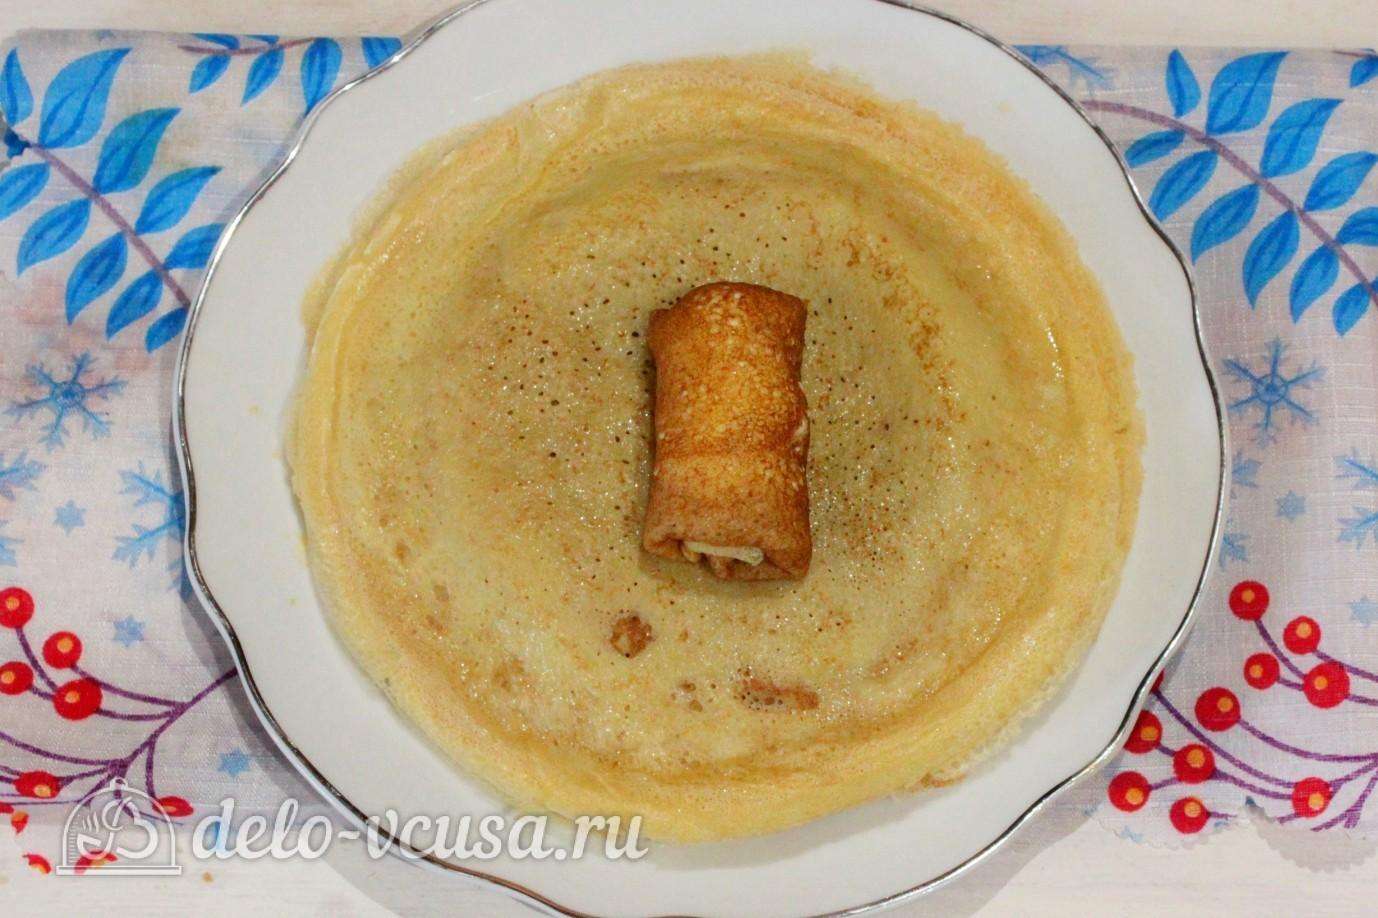 Как приготовить блины на прокисшем молоке пошаговый рецепт с фото